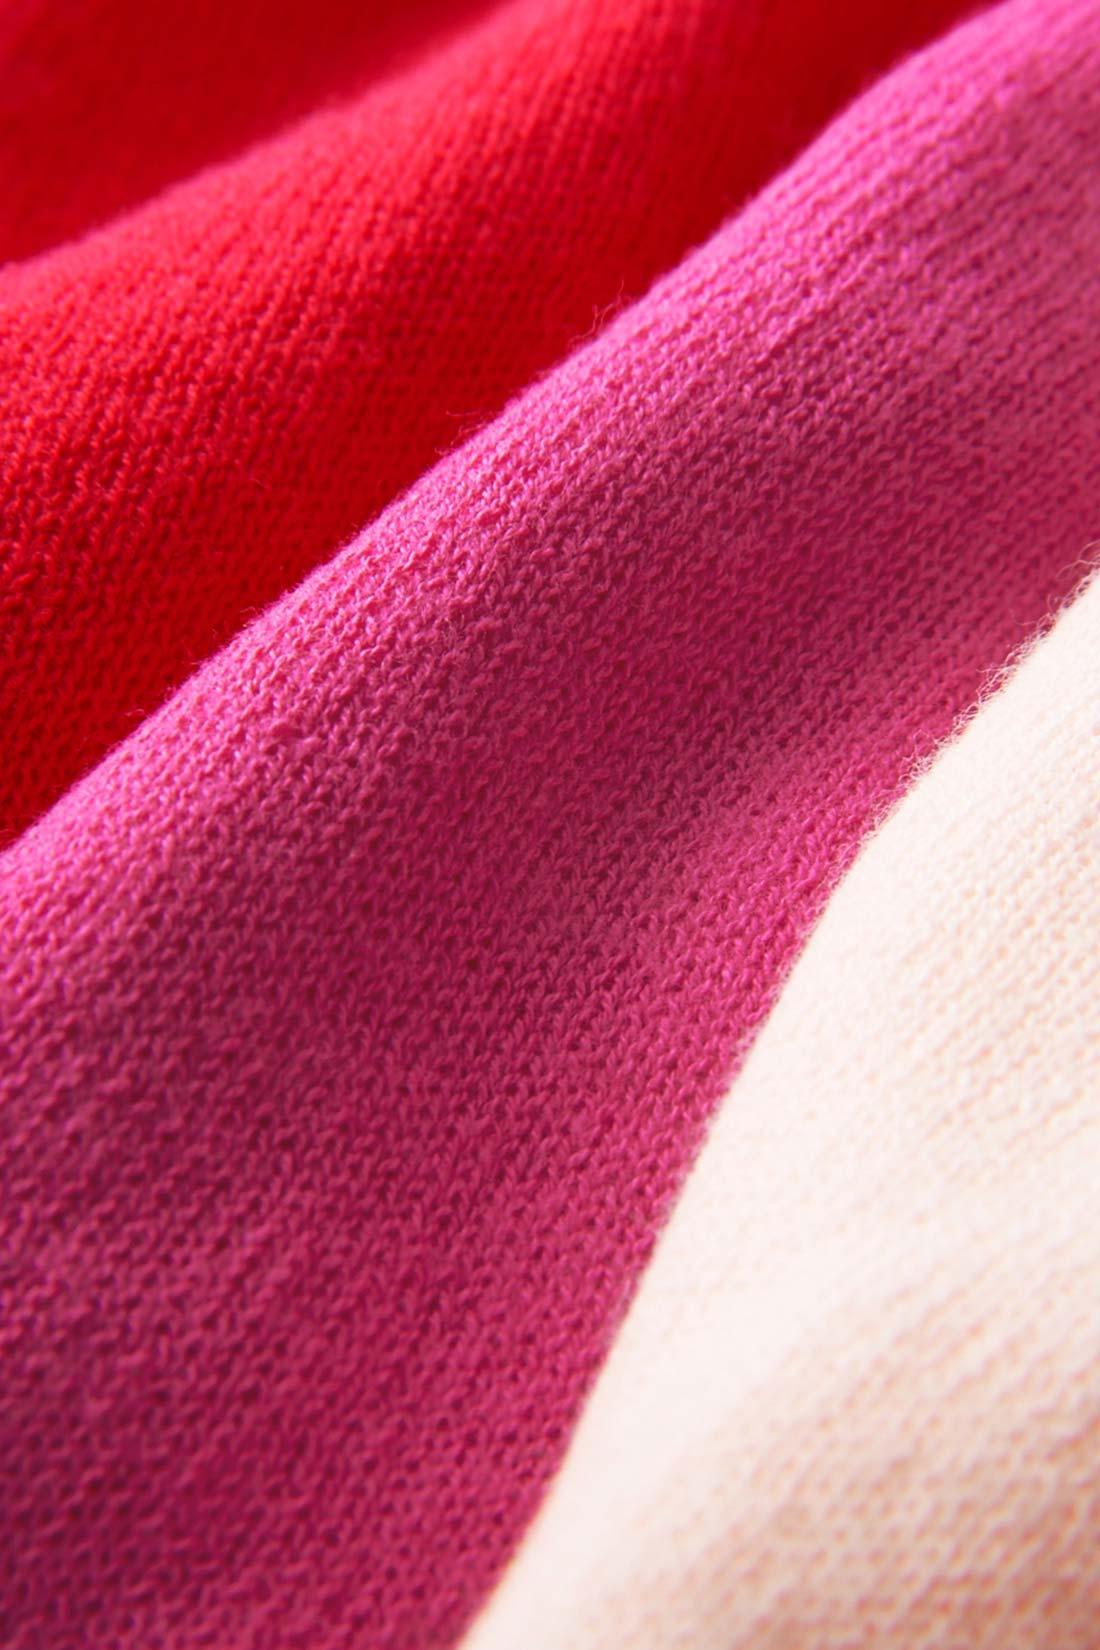 綿100%の強撚の糸を使った、さらりと肌ざわりのいいニット素材。